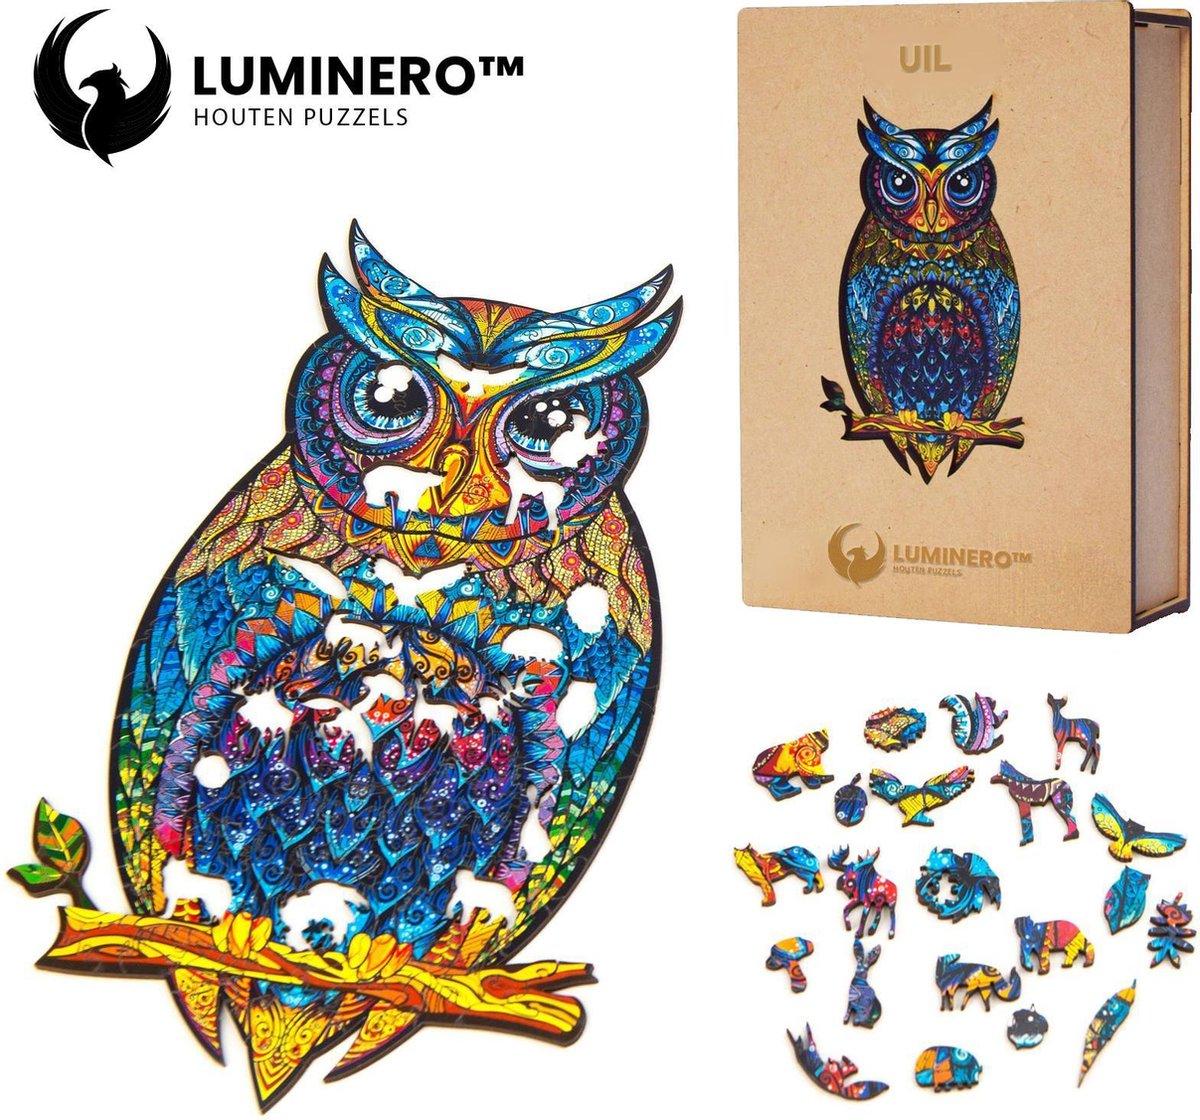 Luminero™ Houten Uil Jigsaw Puzzel - A3 Formaat Jigsaw - Unieke 3D Puzzels - Huisdecoratie - Wooden Puzzle - Volwassenen & Kinderen - Incl. Houten Doos